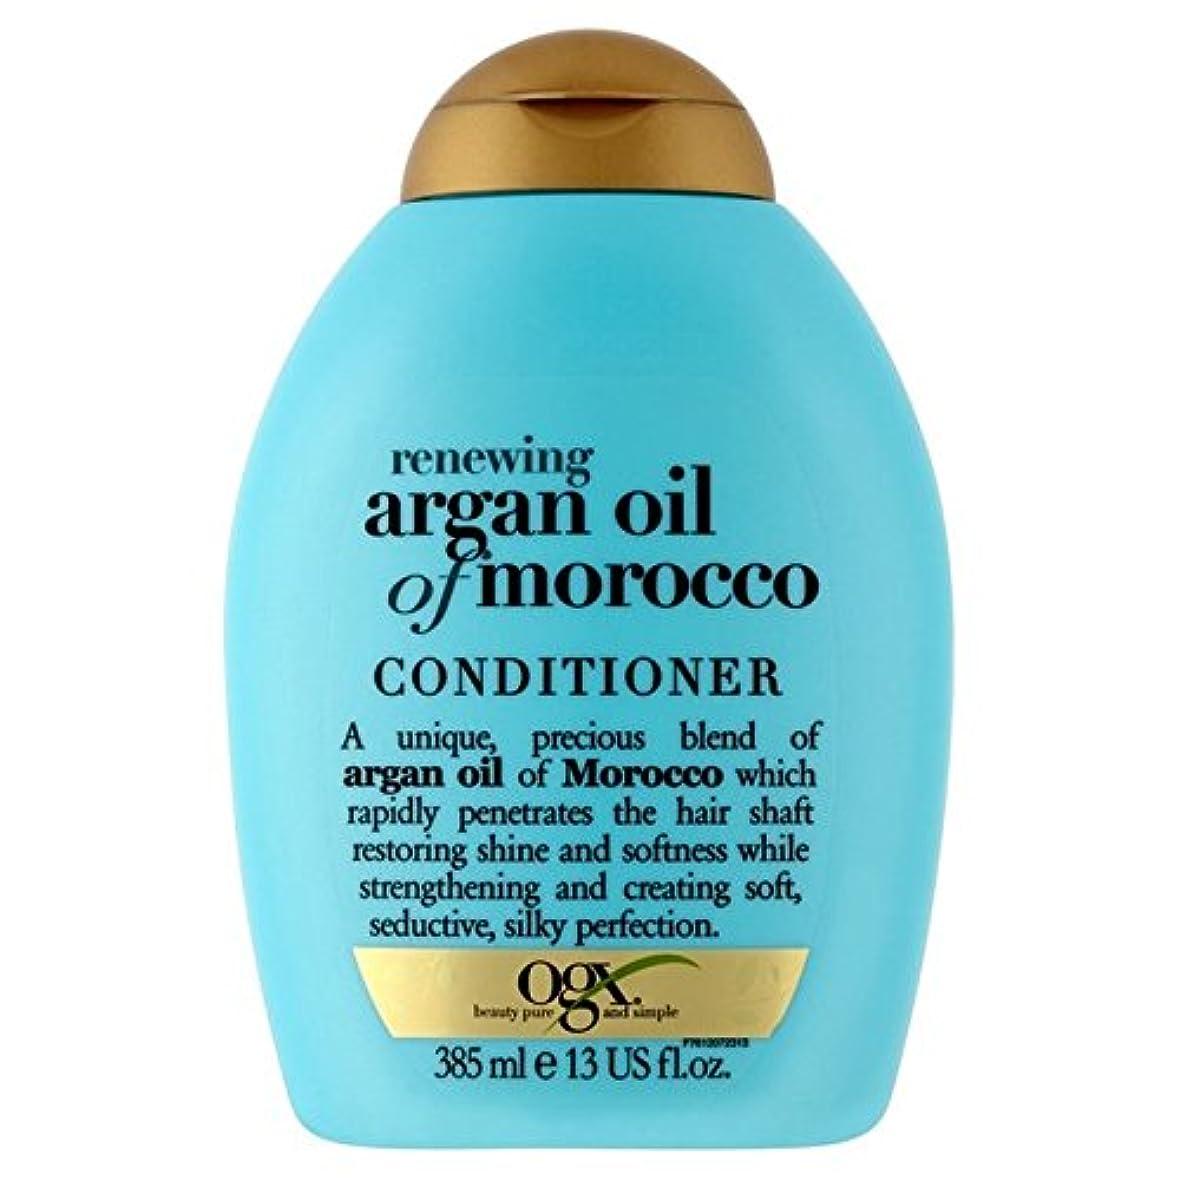 上オリエンタル推測モロッコのアルガンオイルコンディショナー385ミリリットル x2 - Ogx Moroccan Argan Oil Conditioner 385ml (Pack of 2) [並行輸入品]